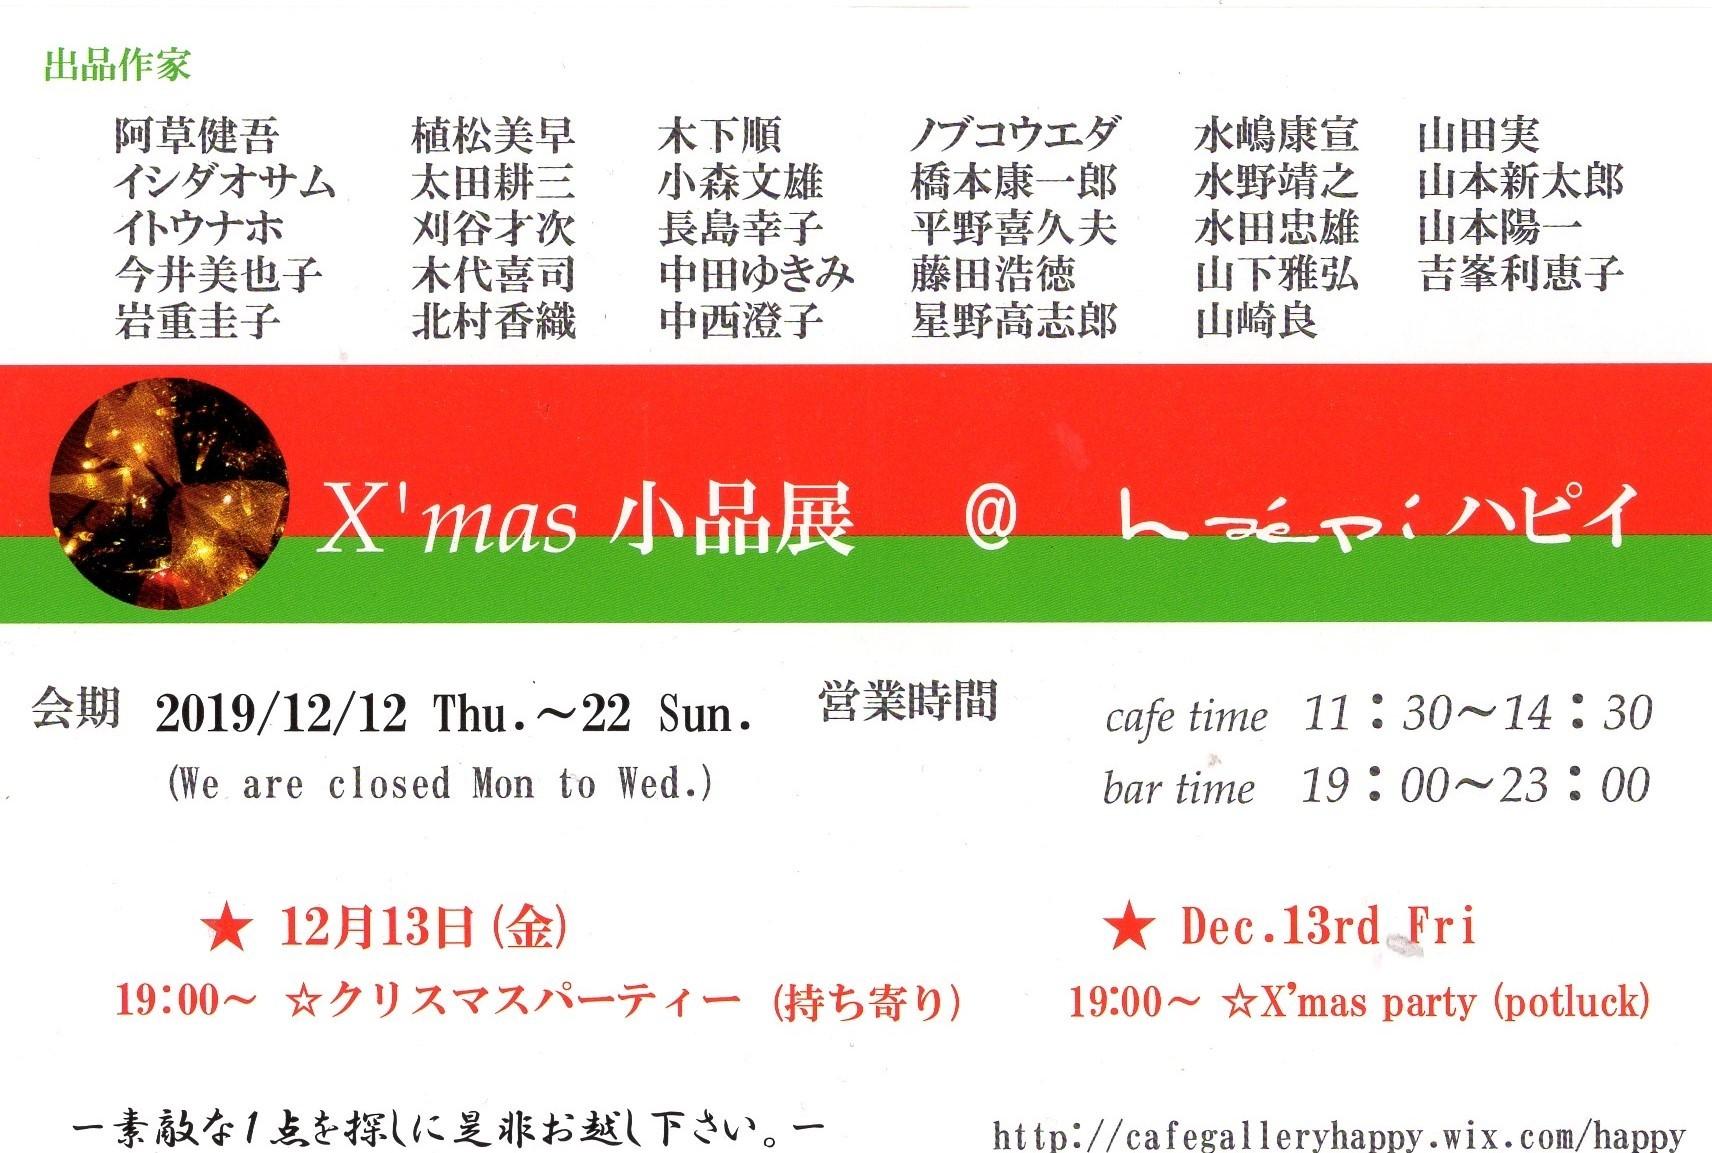 クリスマス小品展 2019 カフェギャラリーハピィ_c0100195_16442070.jpg